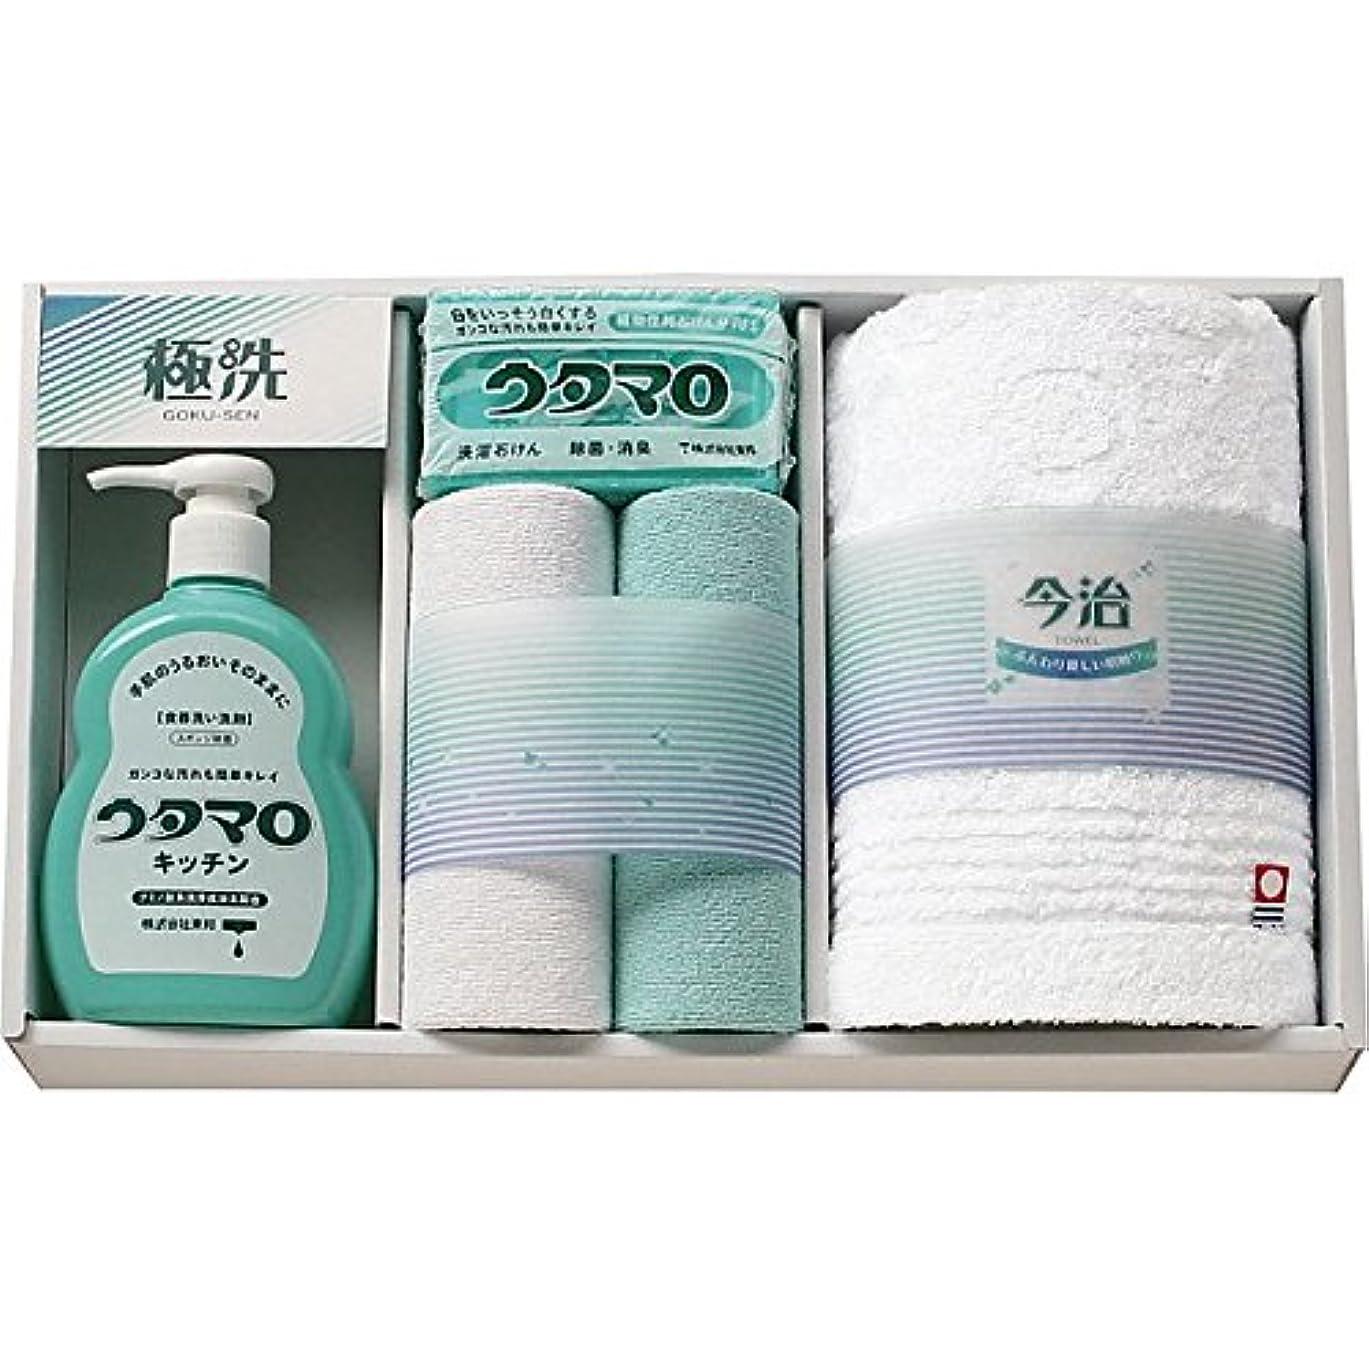 鋼ファブリックすぐに(ウタマロ) 石鹸?キッチン洗剤ギフト (835-1055r)